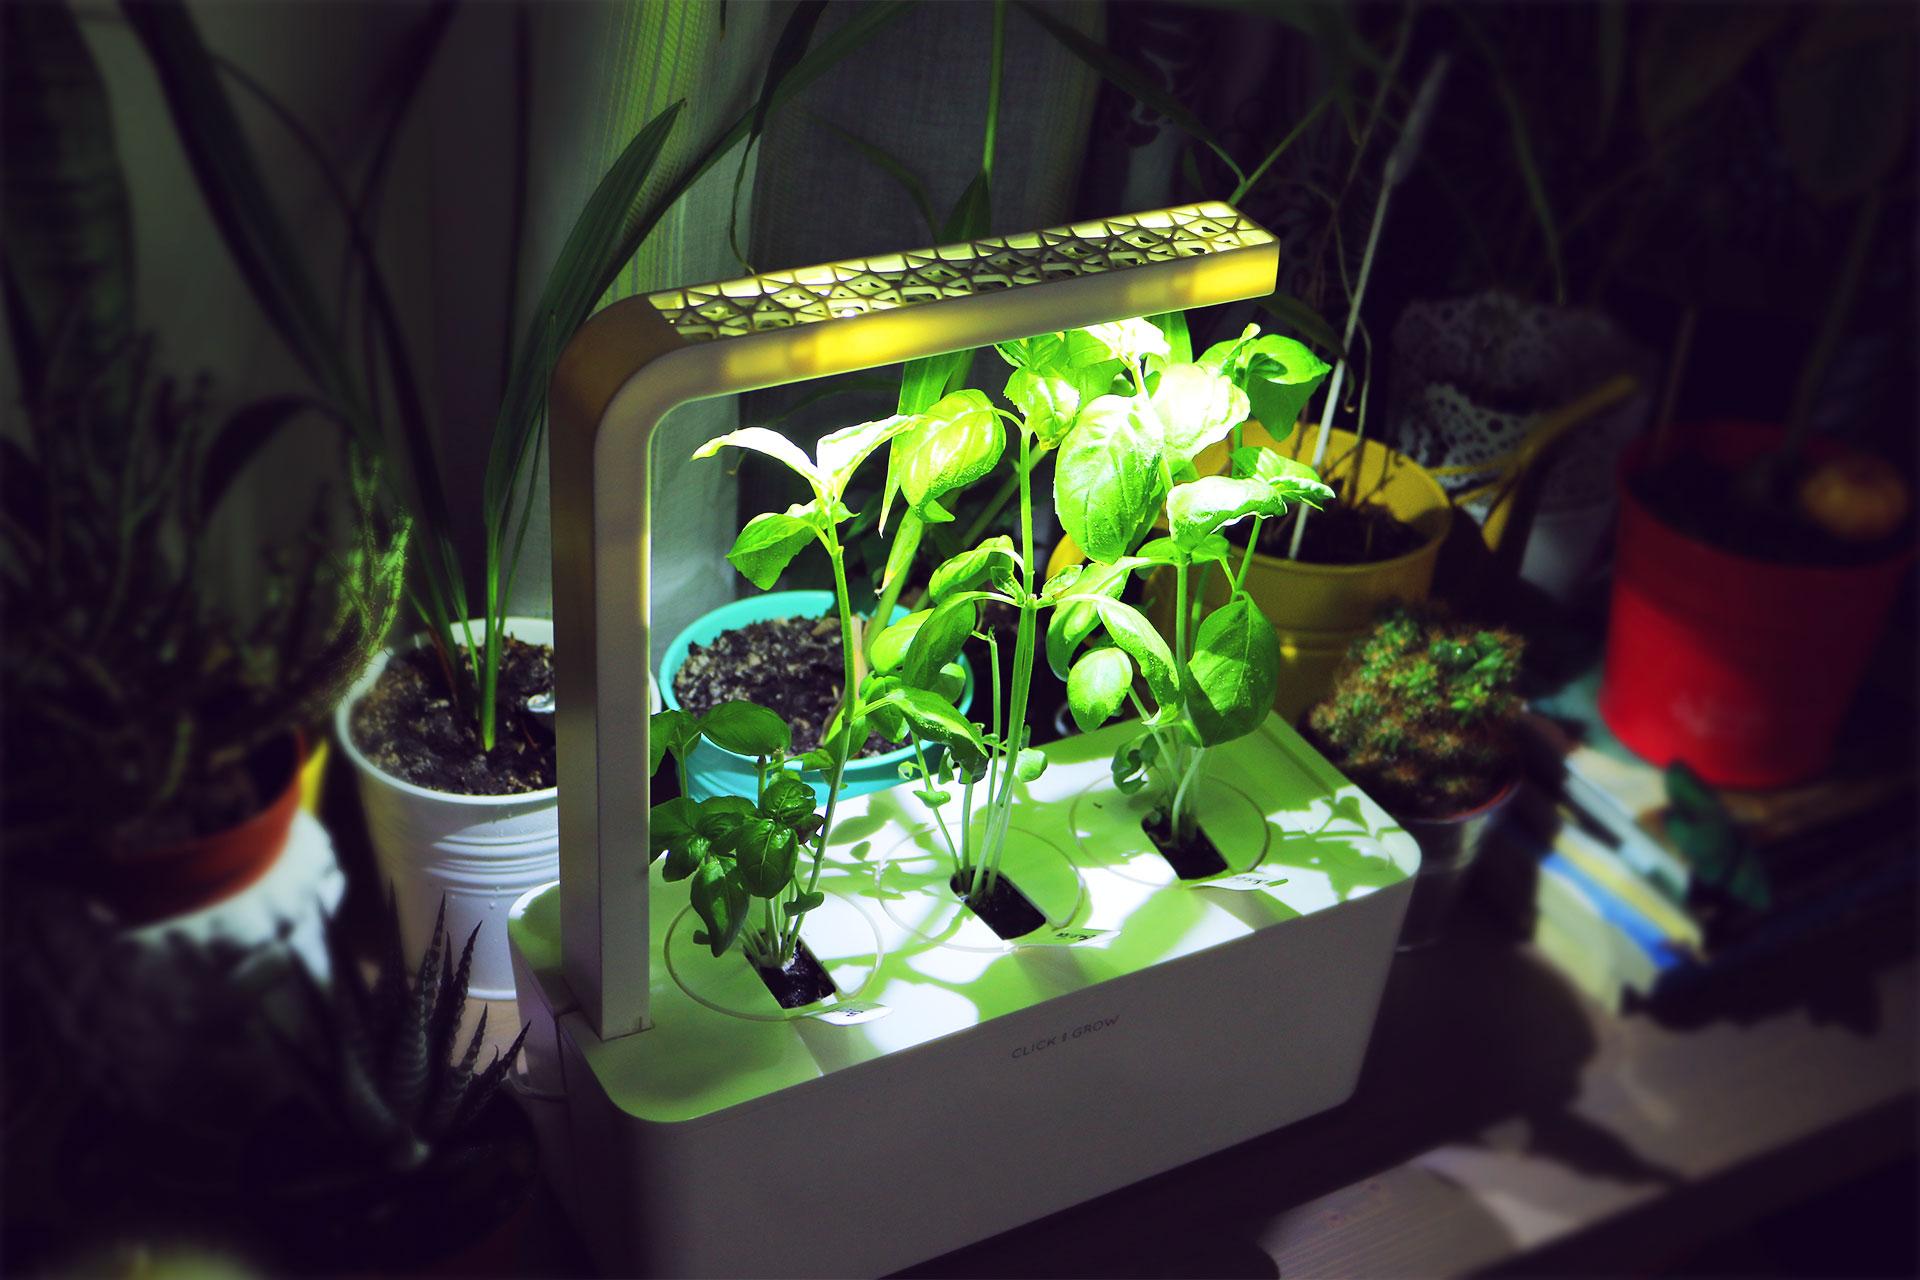 Портативный огород Click and Grow. Выращиваем зелень дома или в офисе круглый год - 9